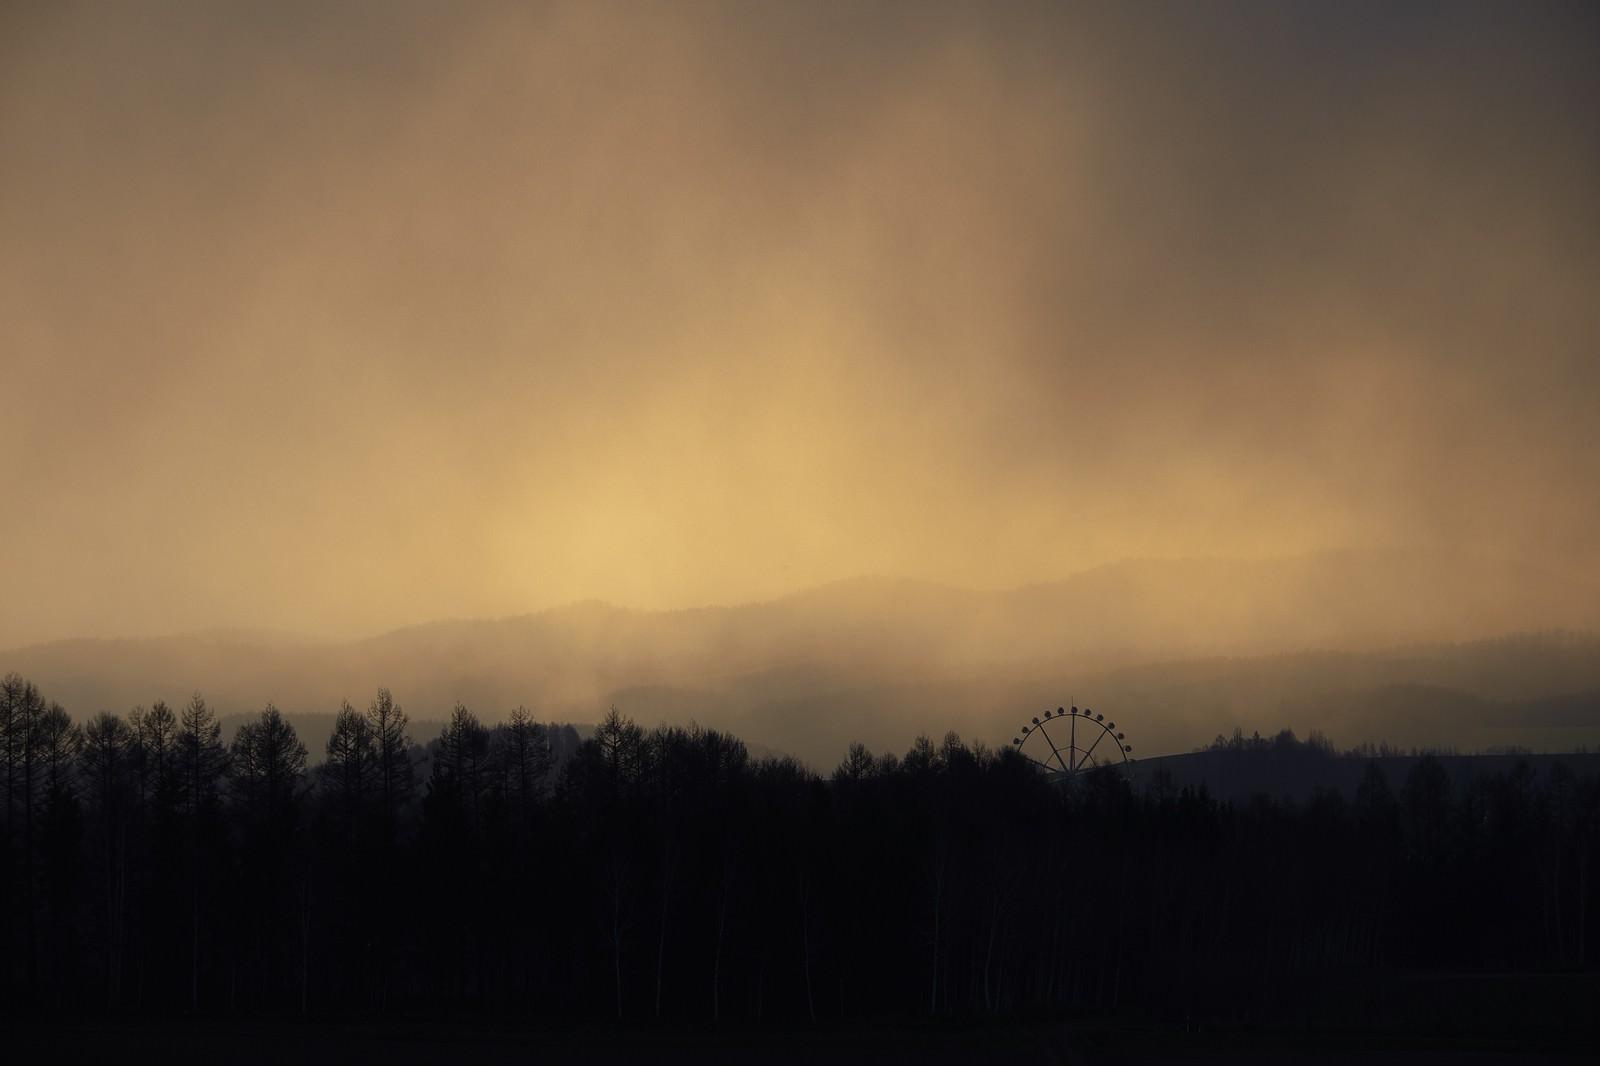 「静寂な時」の写真